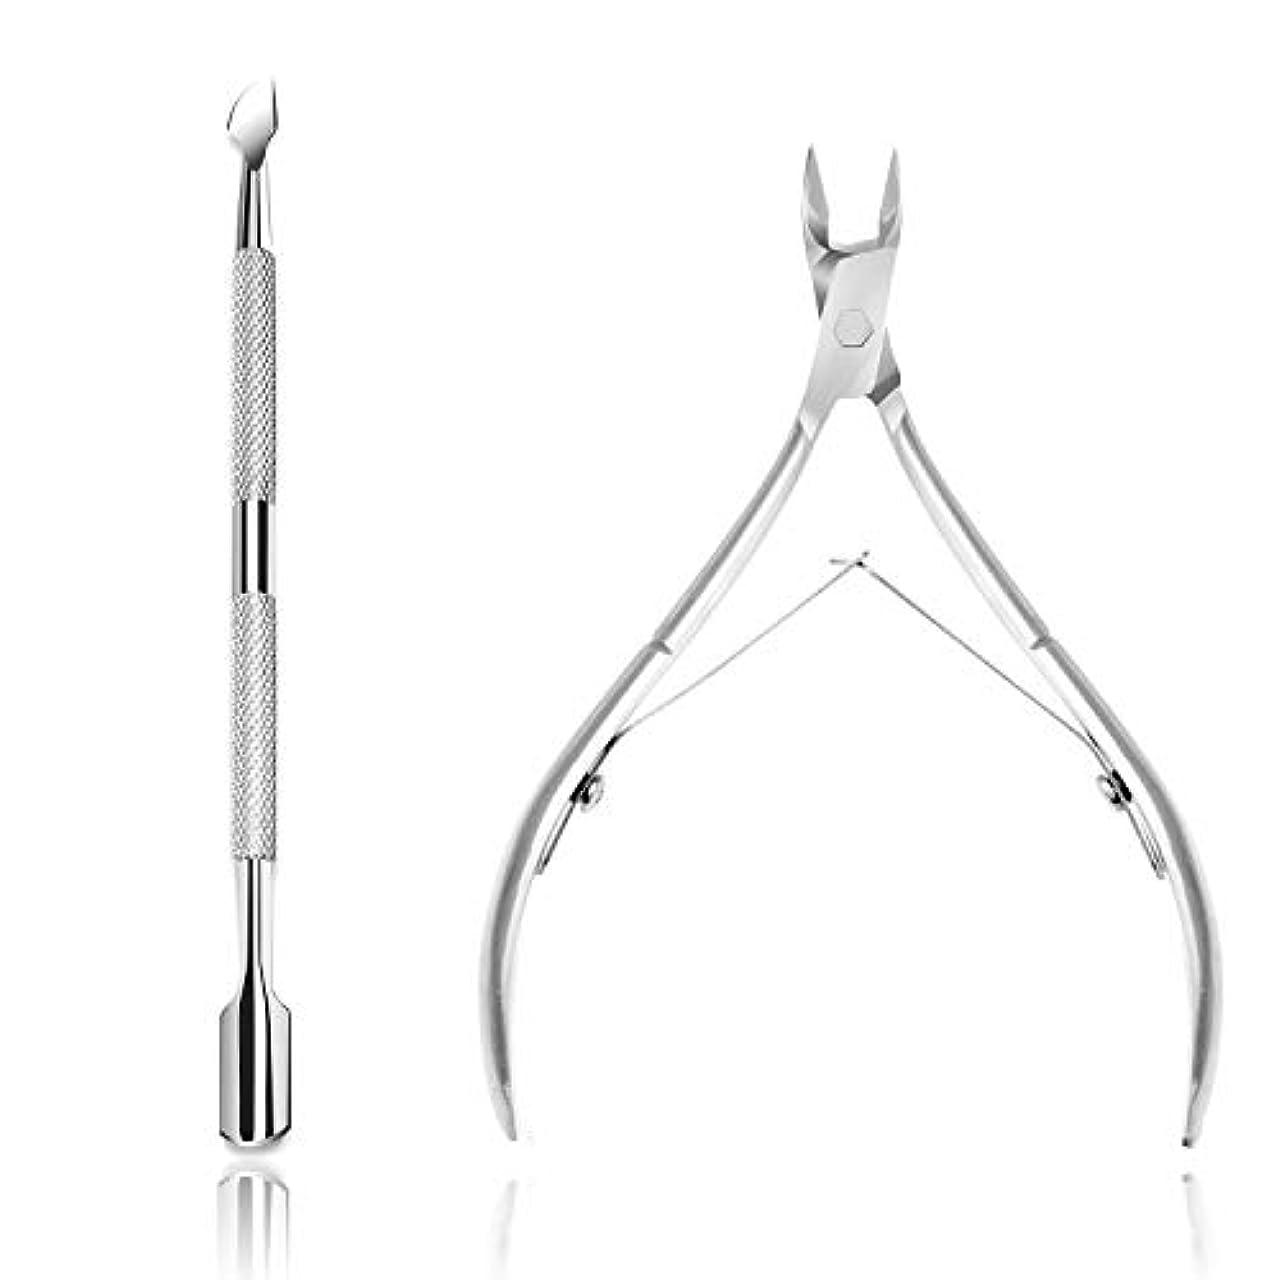 取り出す多様性死んでいるキューティクルプッシャーキューティクルニッパーステンレス鋼キューティクルトリマー&爪と足指の爪のためのキューティクルリムーバーツールセットペディキュアマニキュアツール